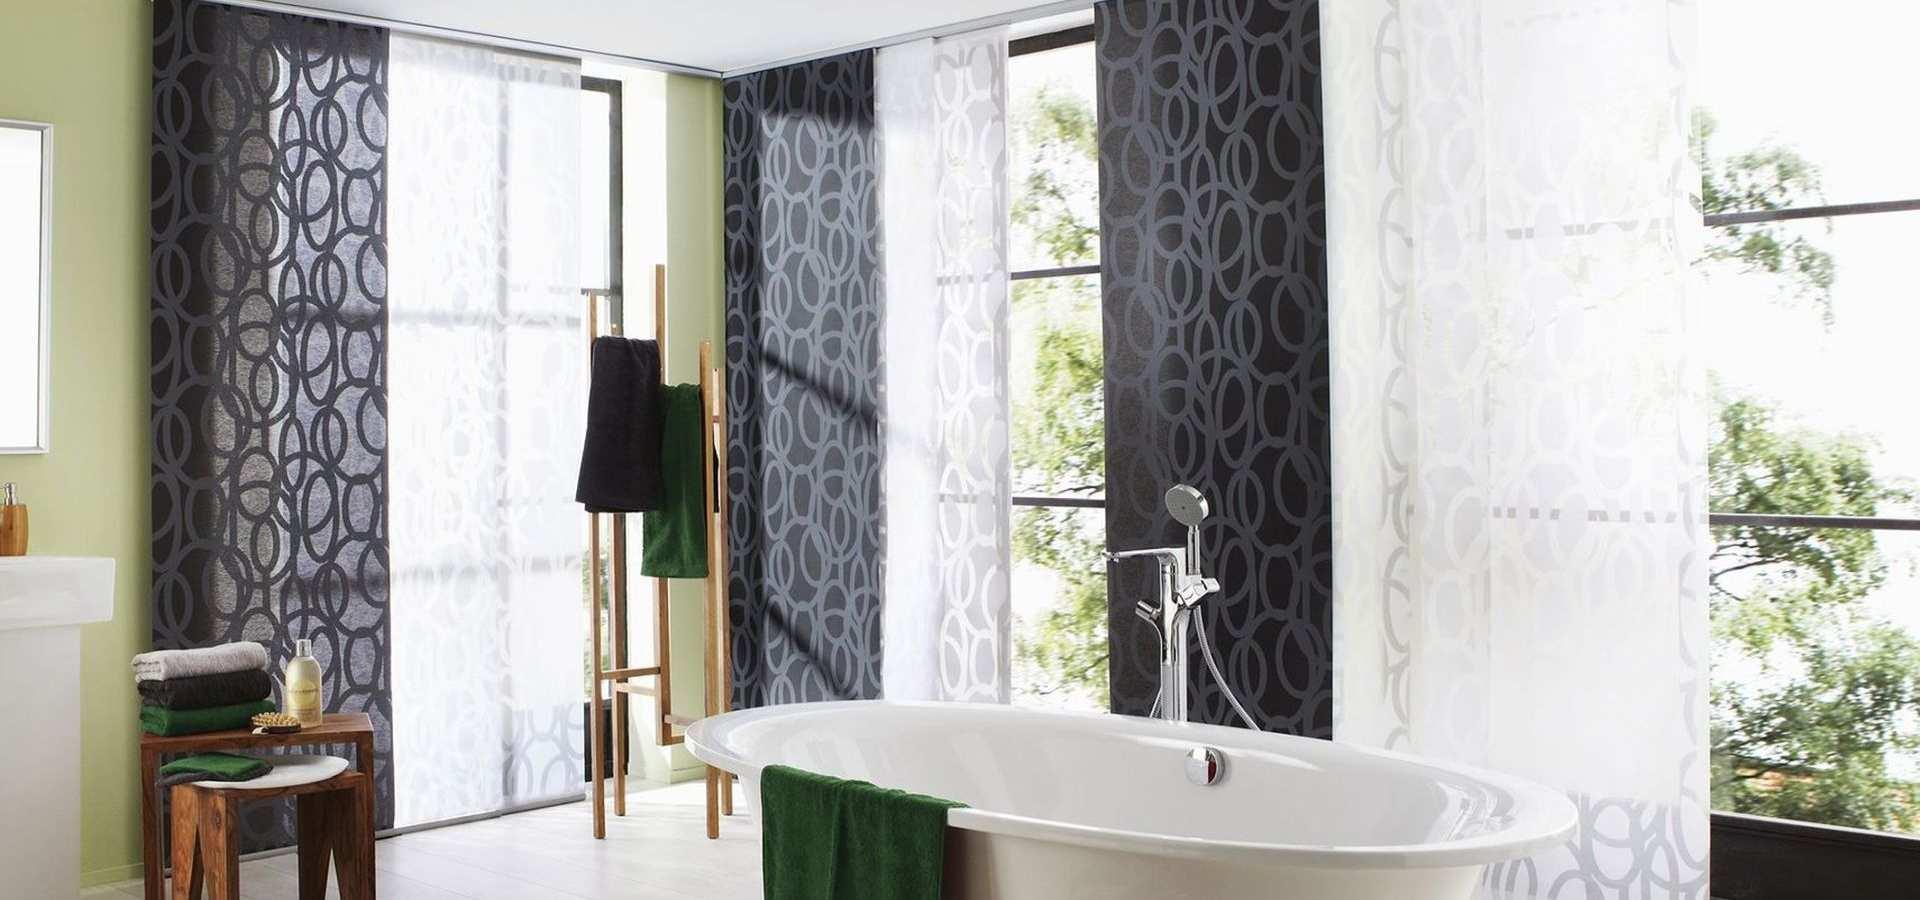 Bild modernes Bad mit Flächenvorhang schwarz